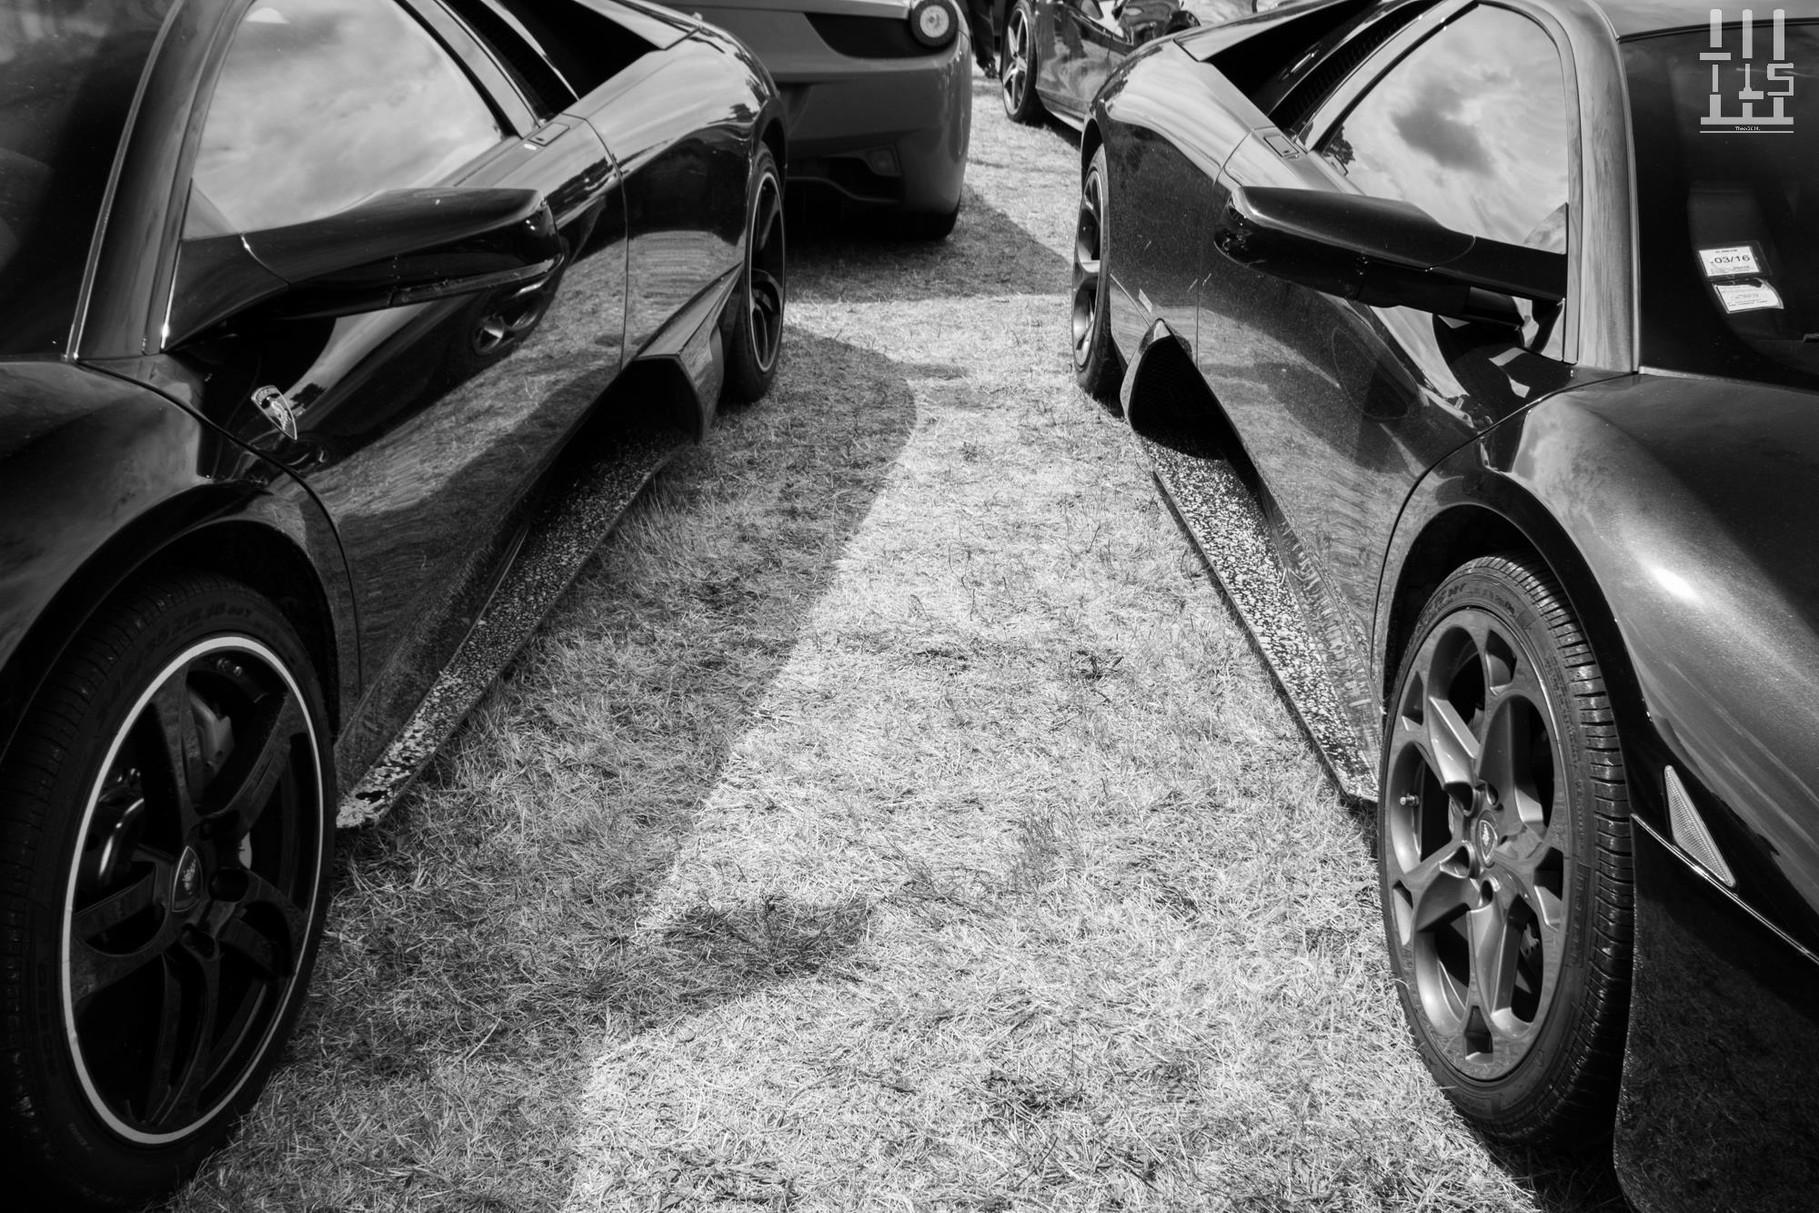 Lamborghini Murcielago LP640 & 580